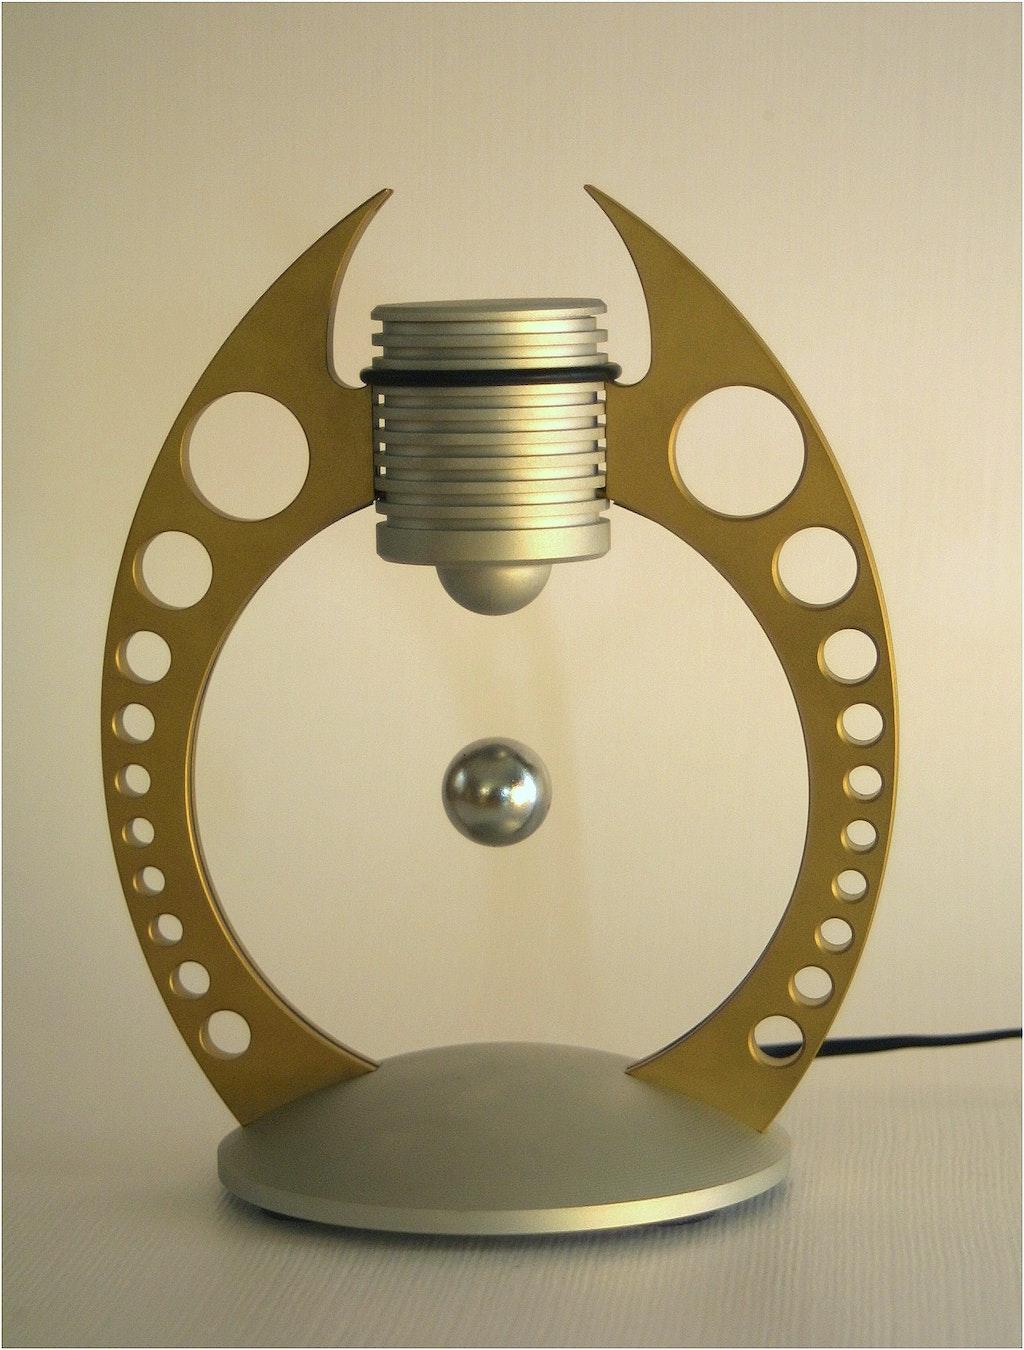 faszinierende schwebende kugel - magnet-anwendungen - supermagnete